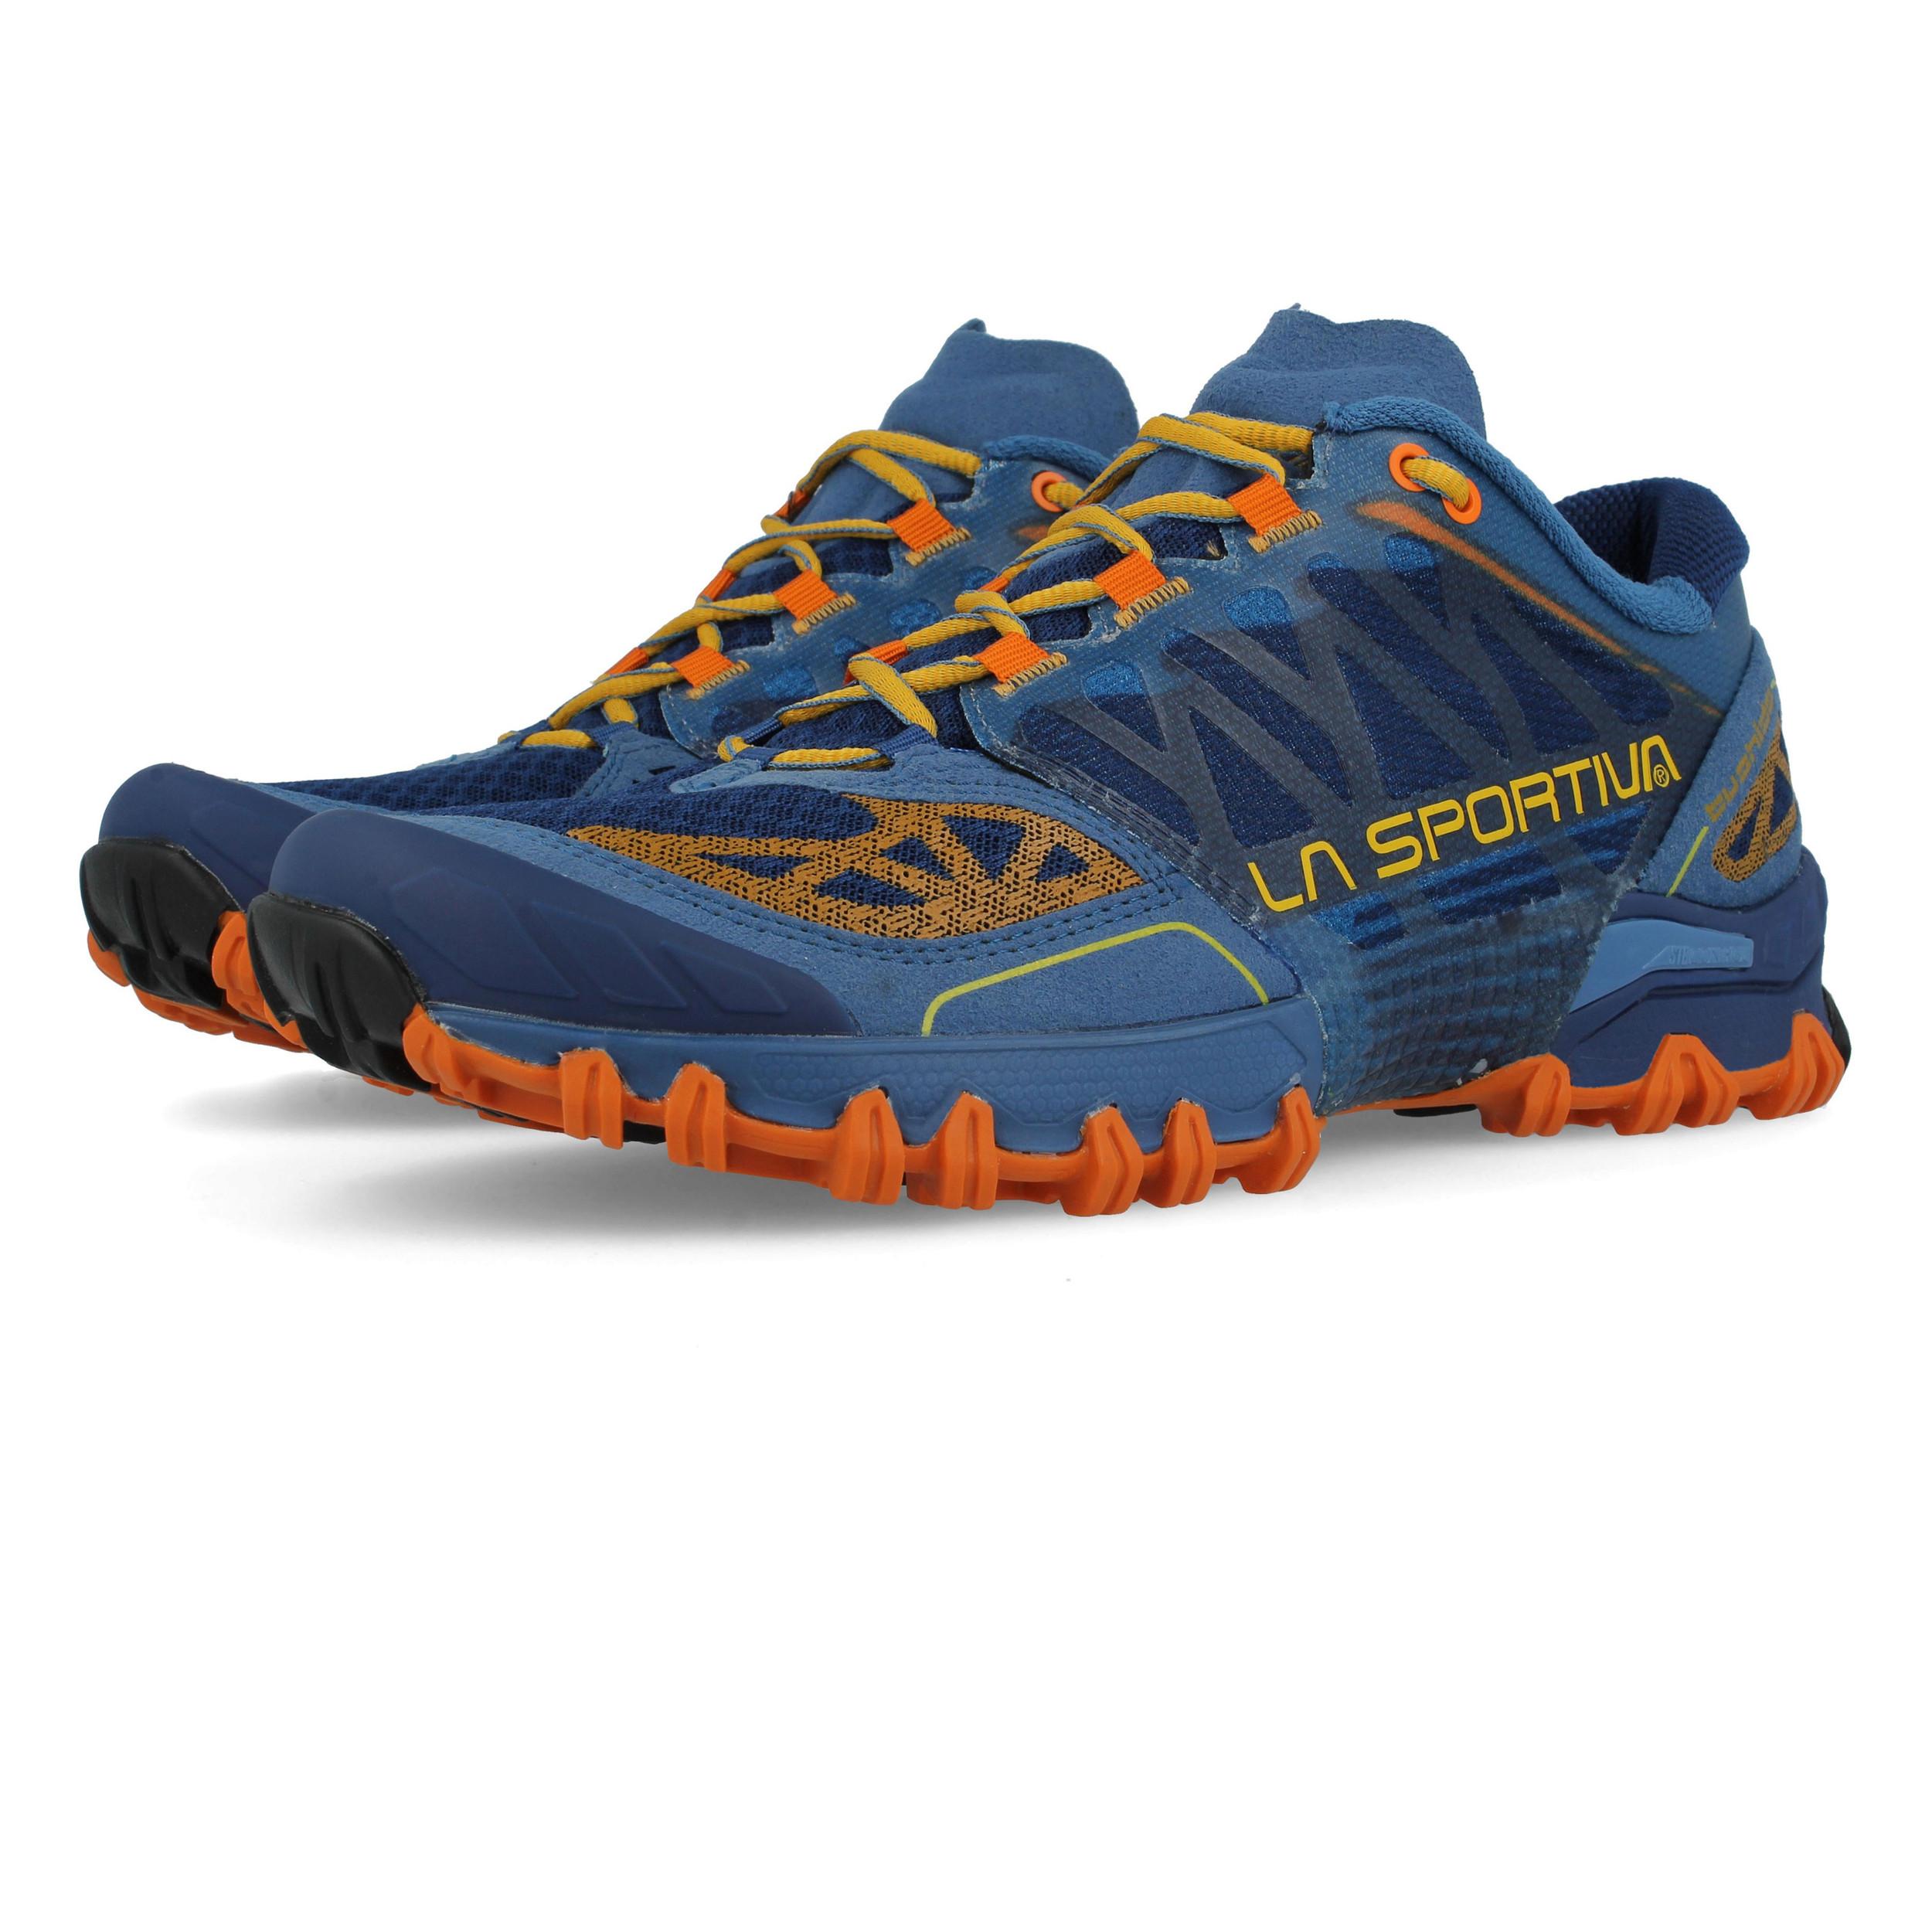 migliori scarpe da ginnastica 41141 d39ed La Sportiva Bushido Uomo Arancione Blu Trekking Corsa Scarpe da Ginnastica  Sport | eBay